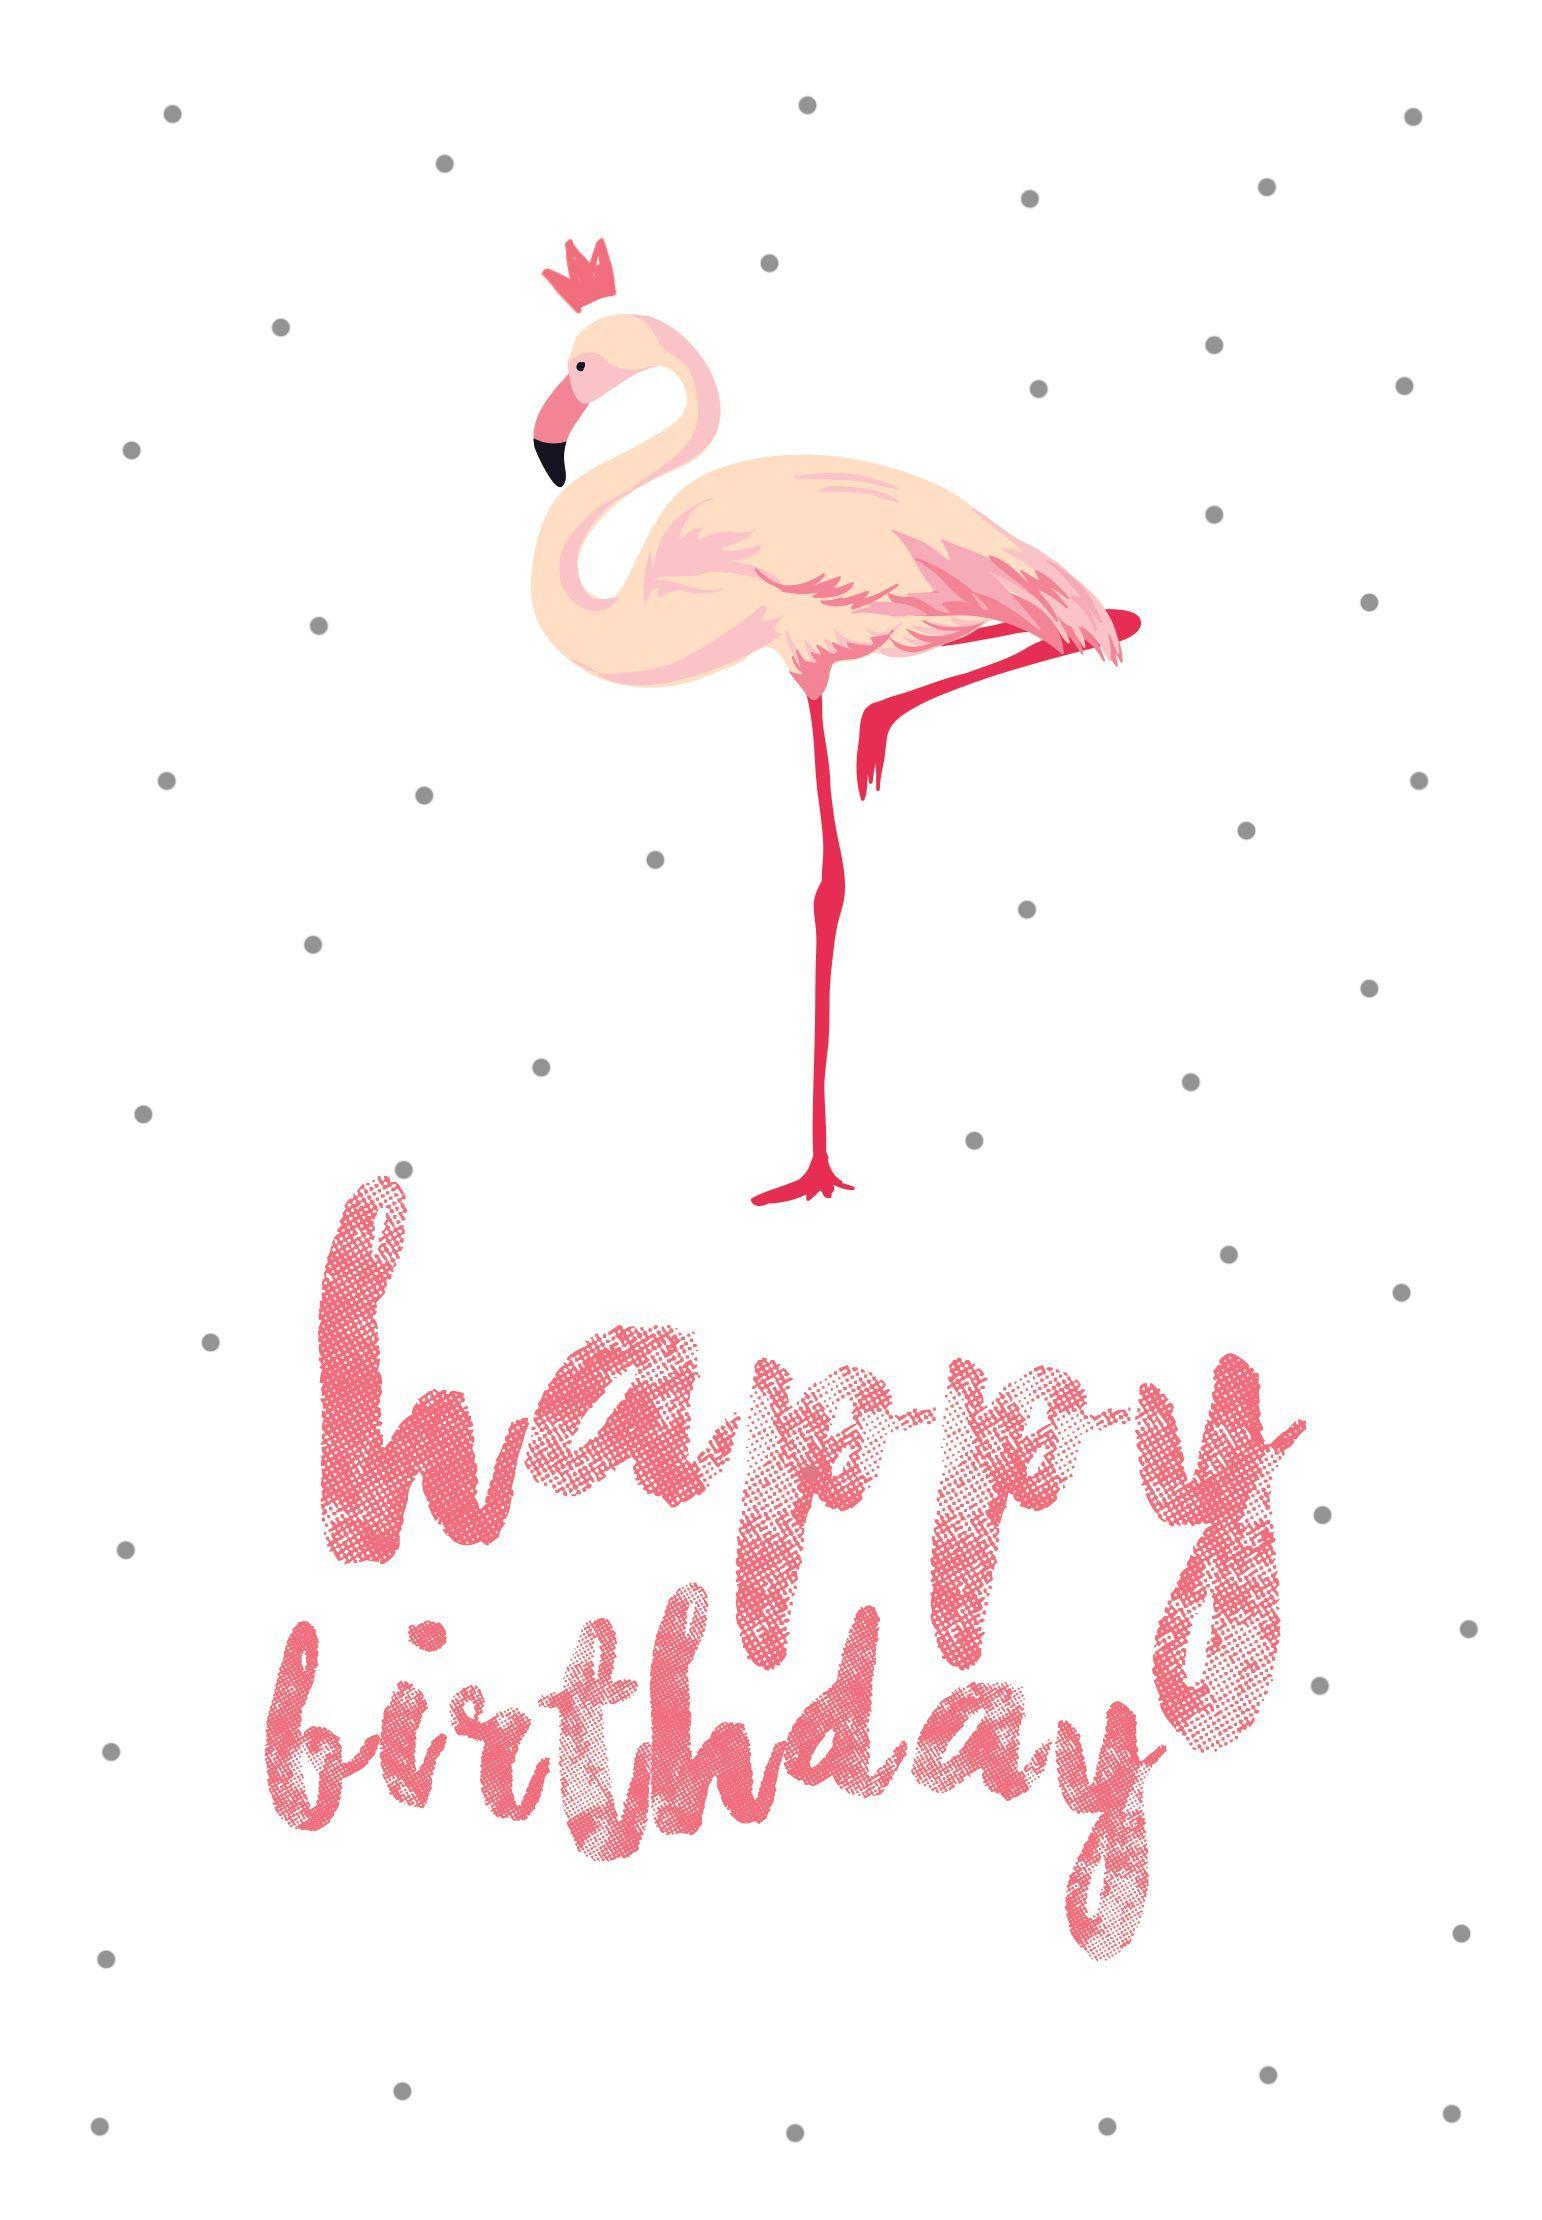 Verjaardag Bericht.Verjaardag Vrouw Humor Verjaardag Flamingo Verjaardag En